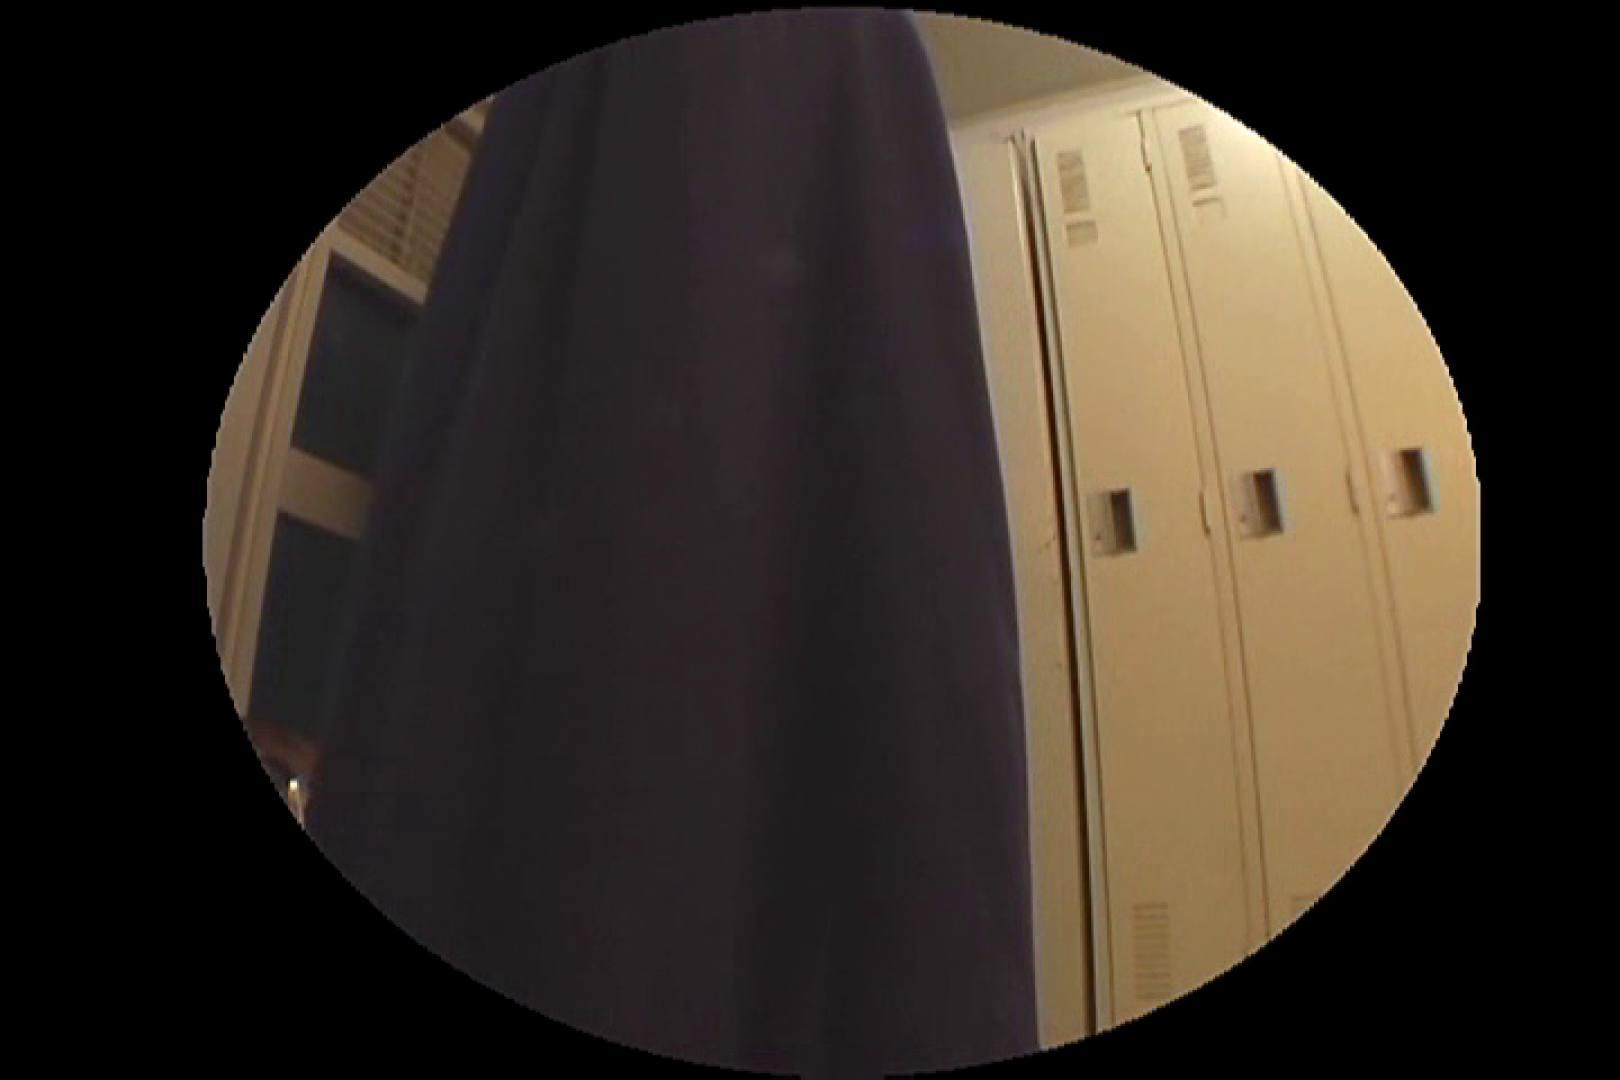 キャバ嬢舞台裏Vol.3 OLヌード天国 隠し撮りオマンコ動画紹介 56PIX 22